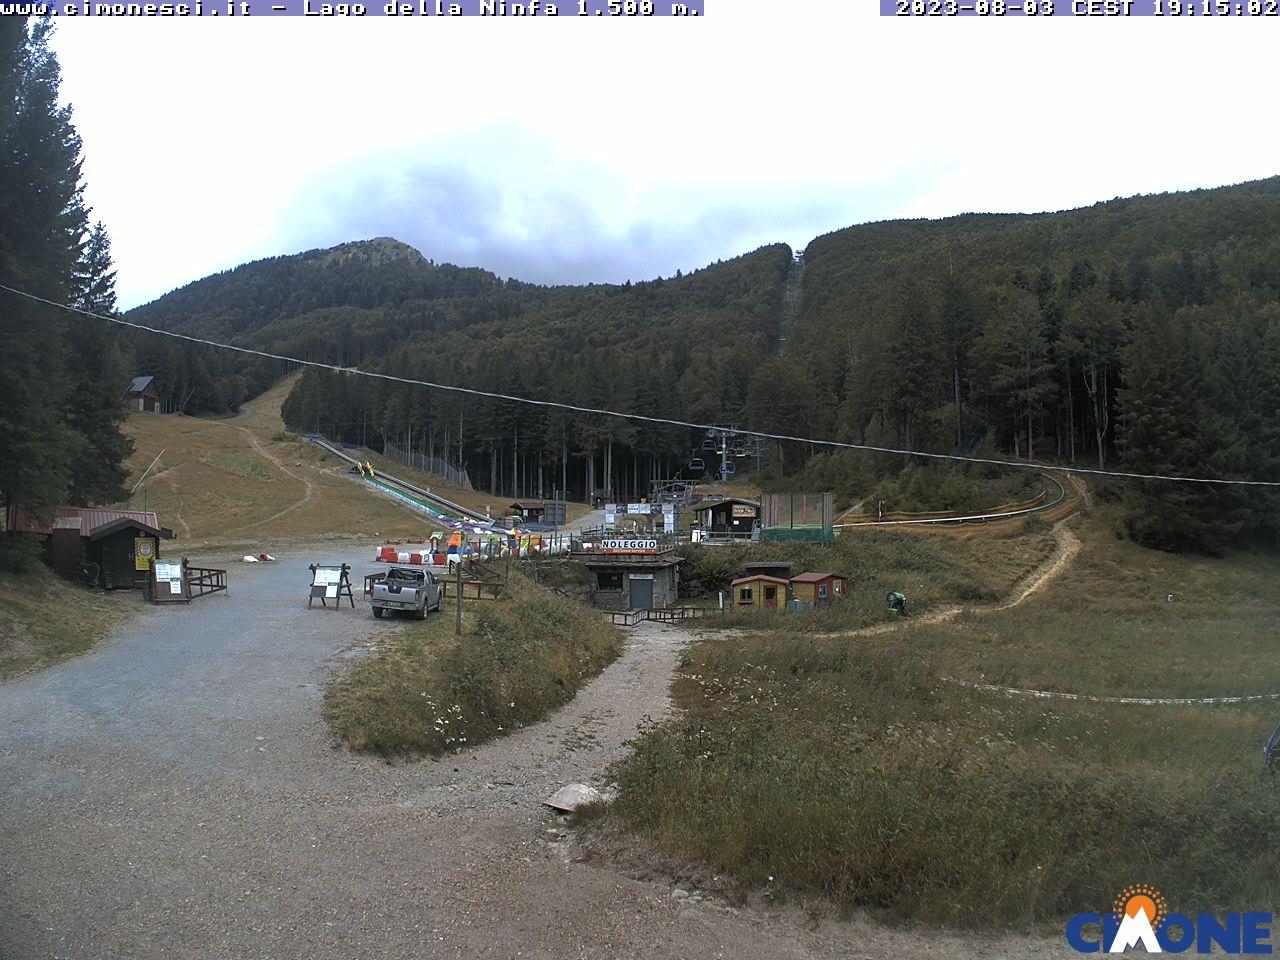 webcam lago della ninfa